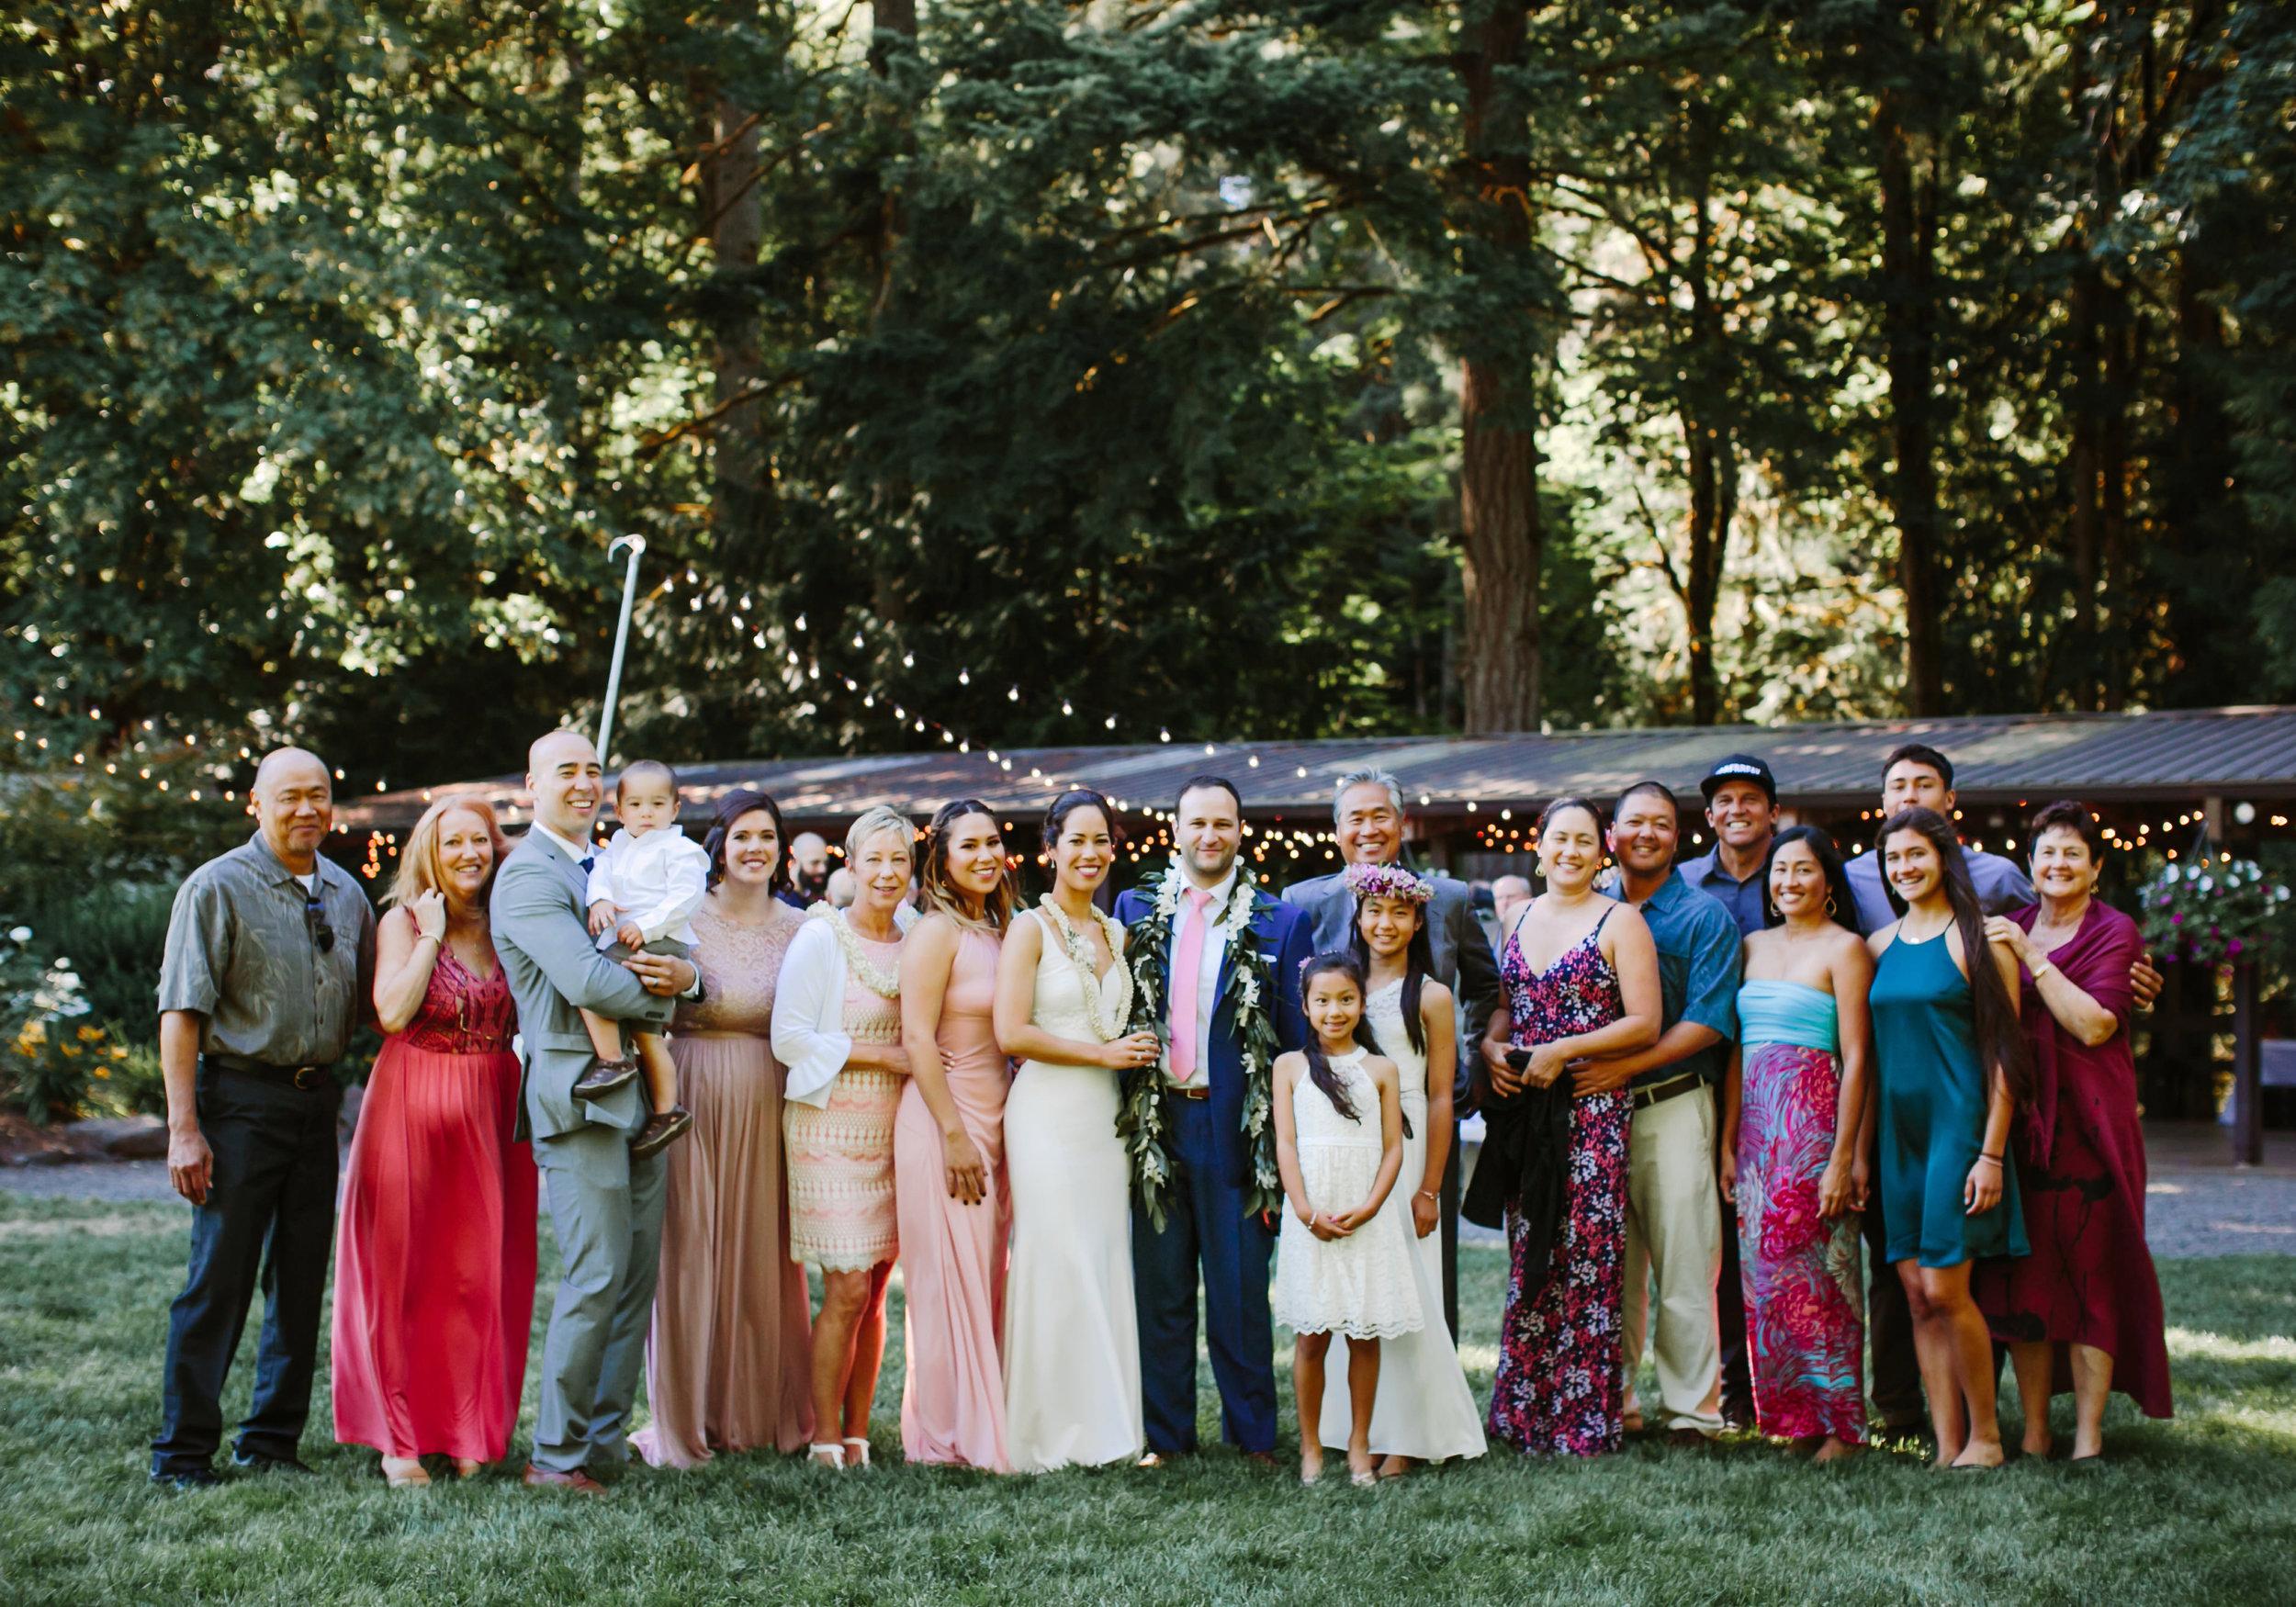 horningshideout-wedding-portland-oregon-ashley-courter-photographer0041.JPG